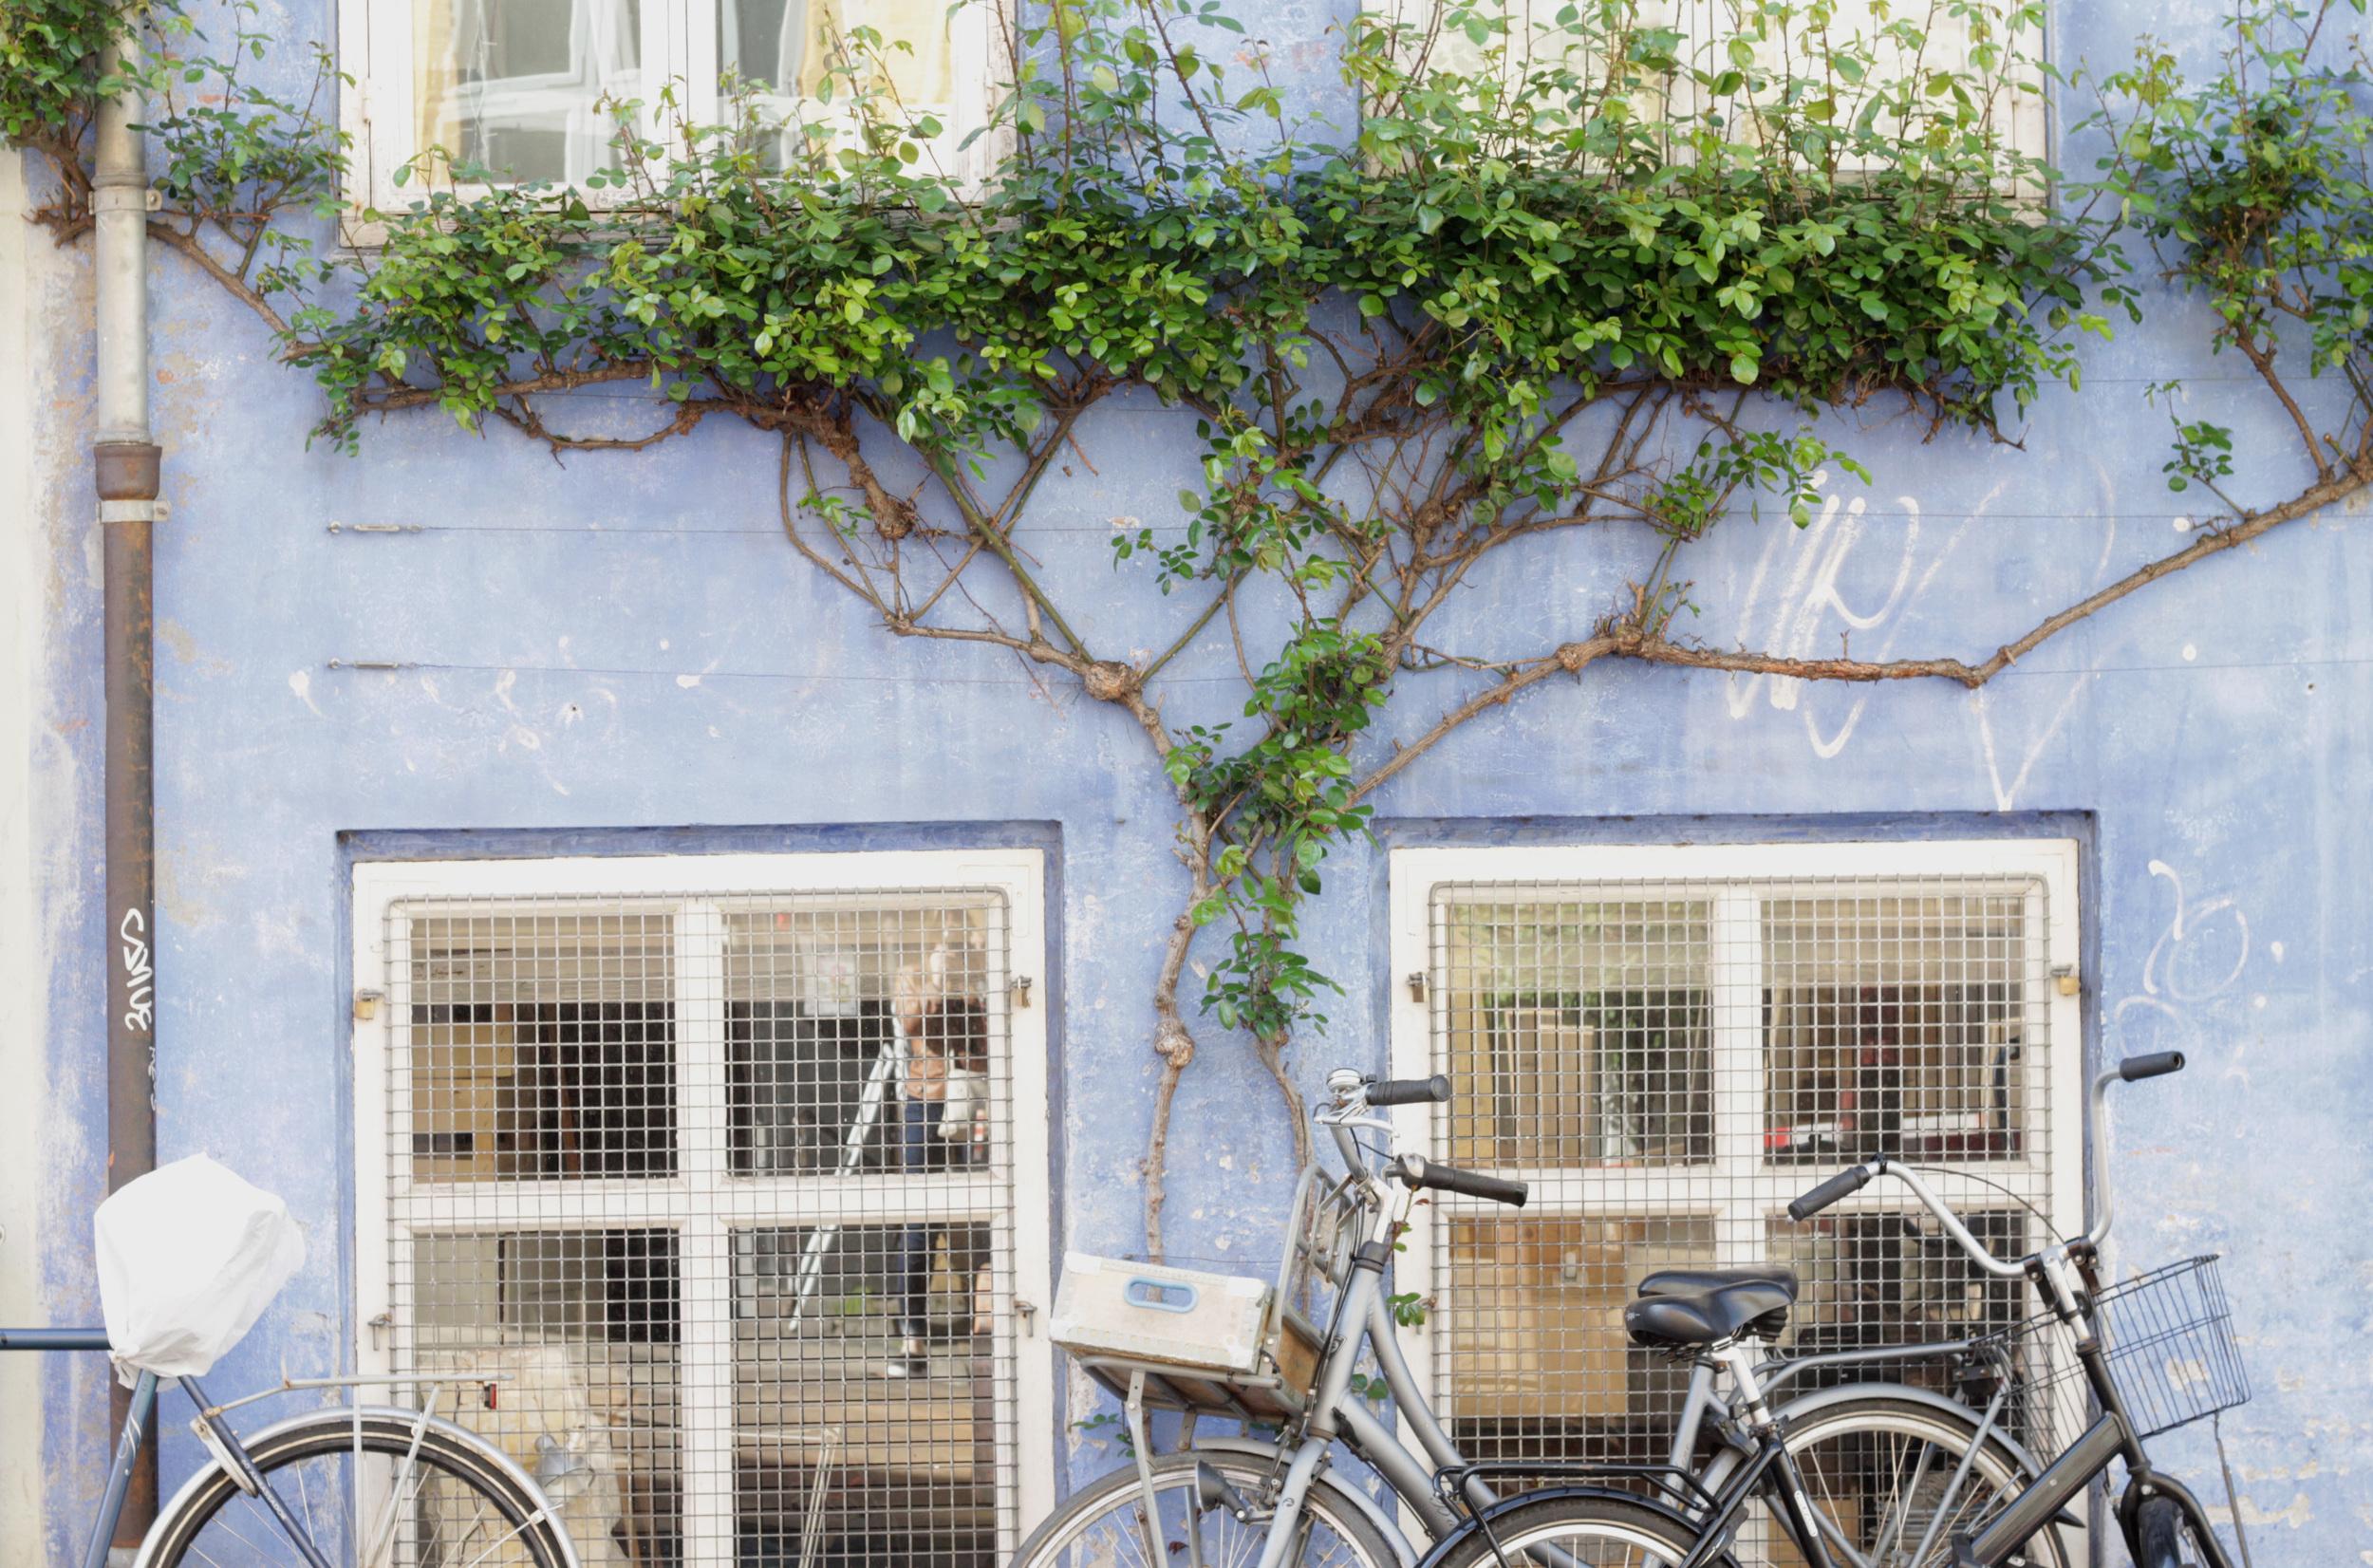 christianhavn neighborhood bikes, copenhagen   via: bekuh b.